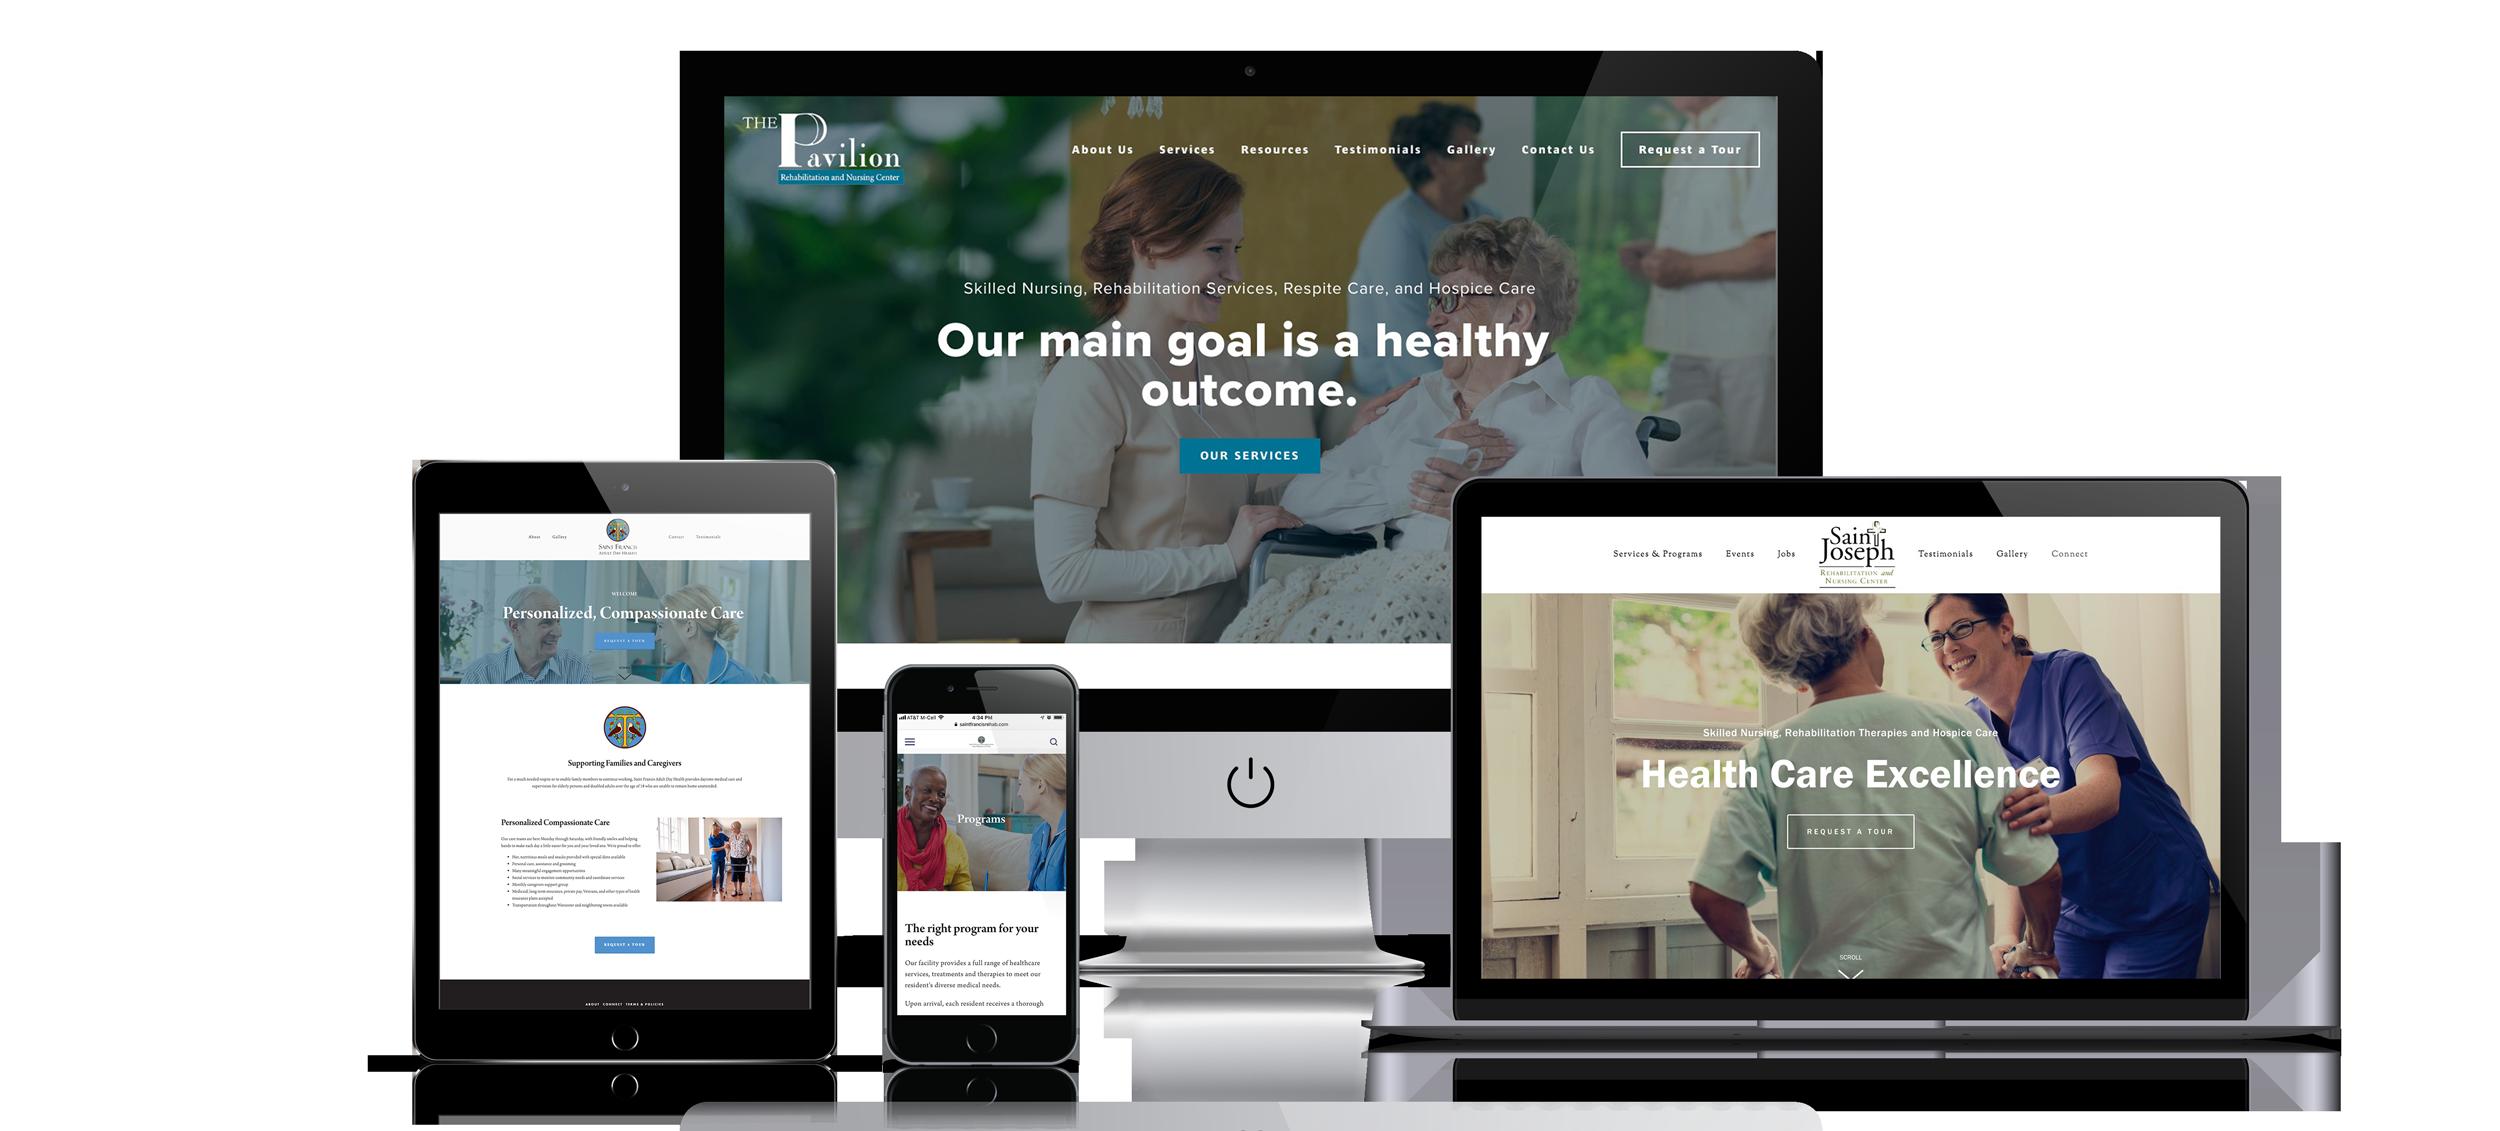 Lmark-Website-line-up-3.png